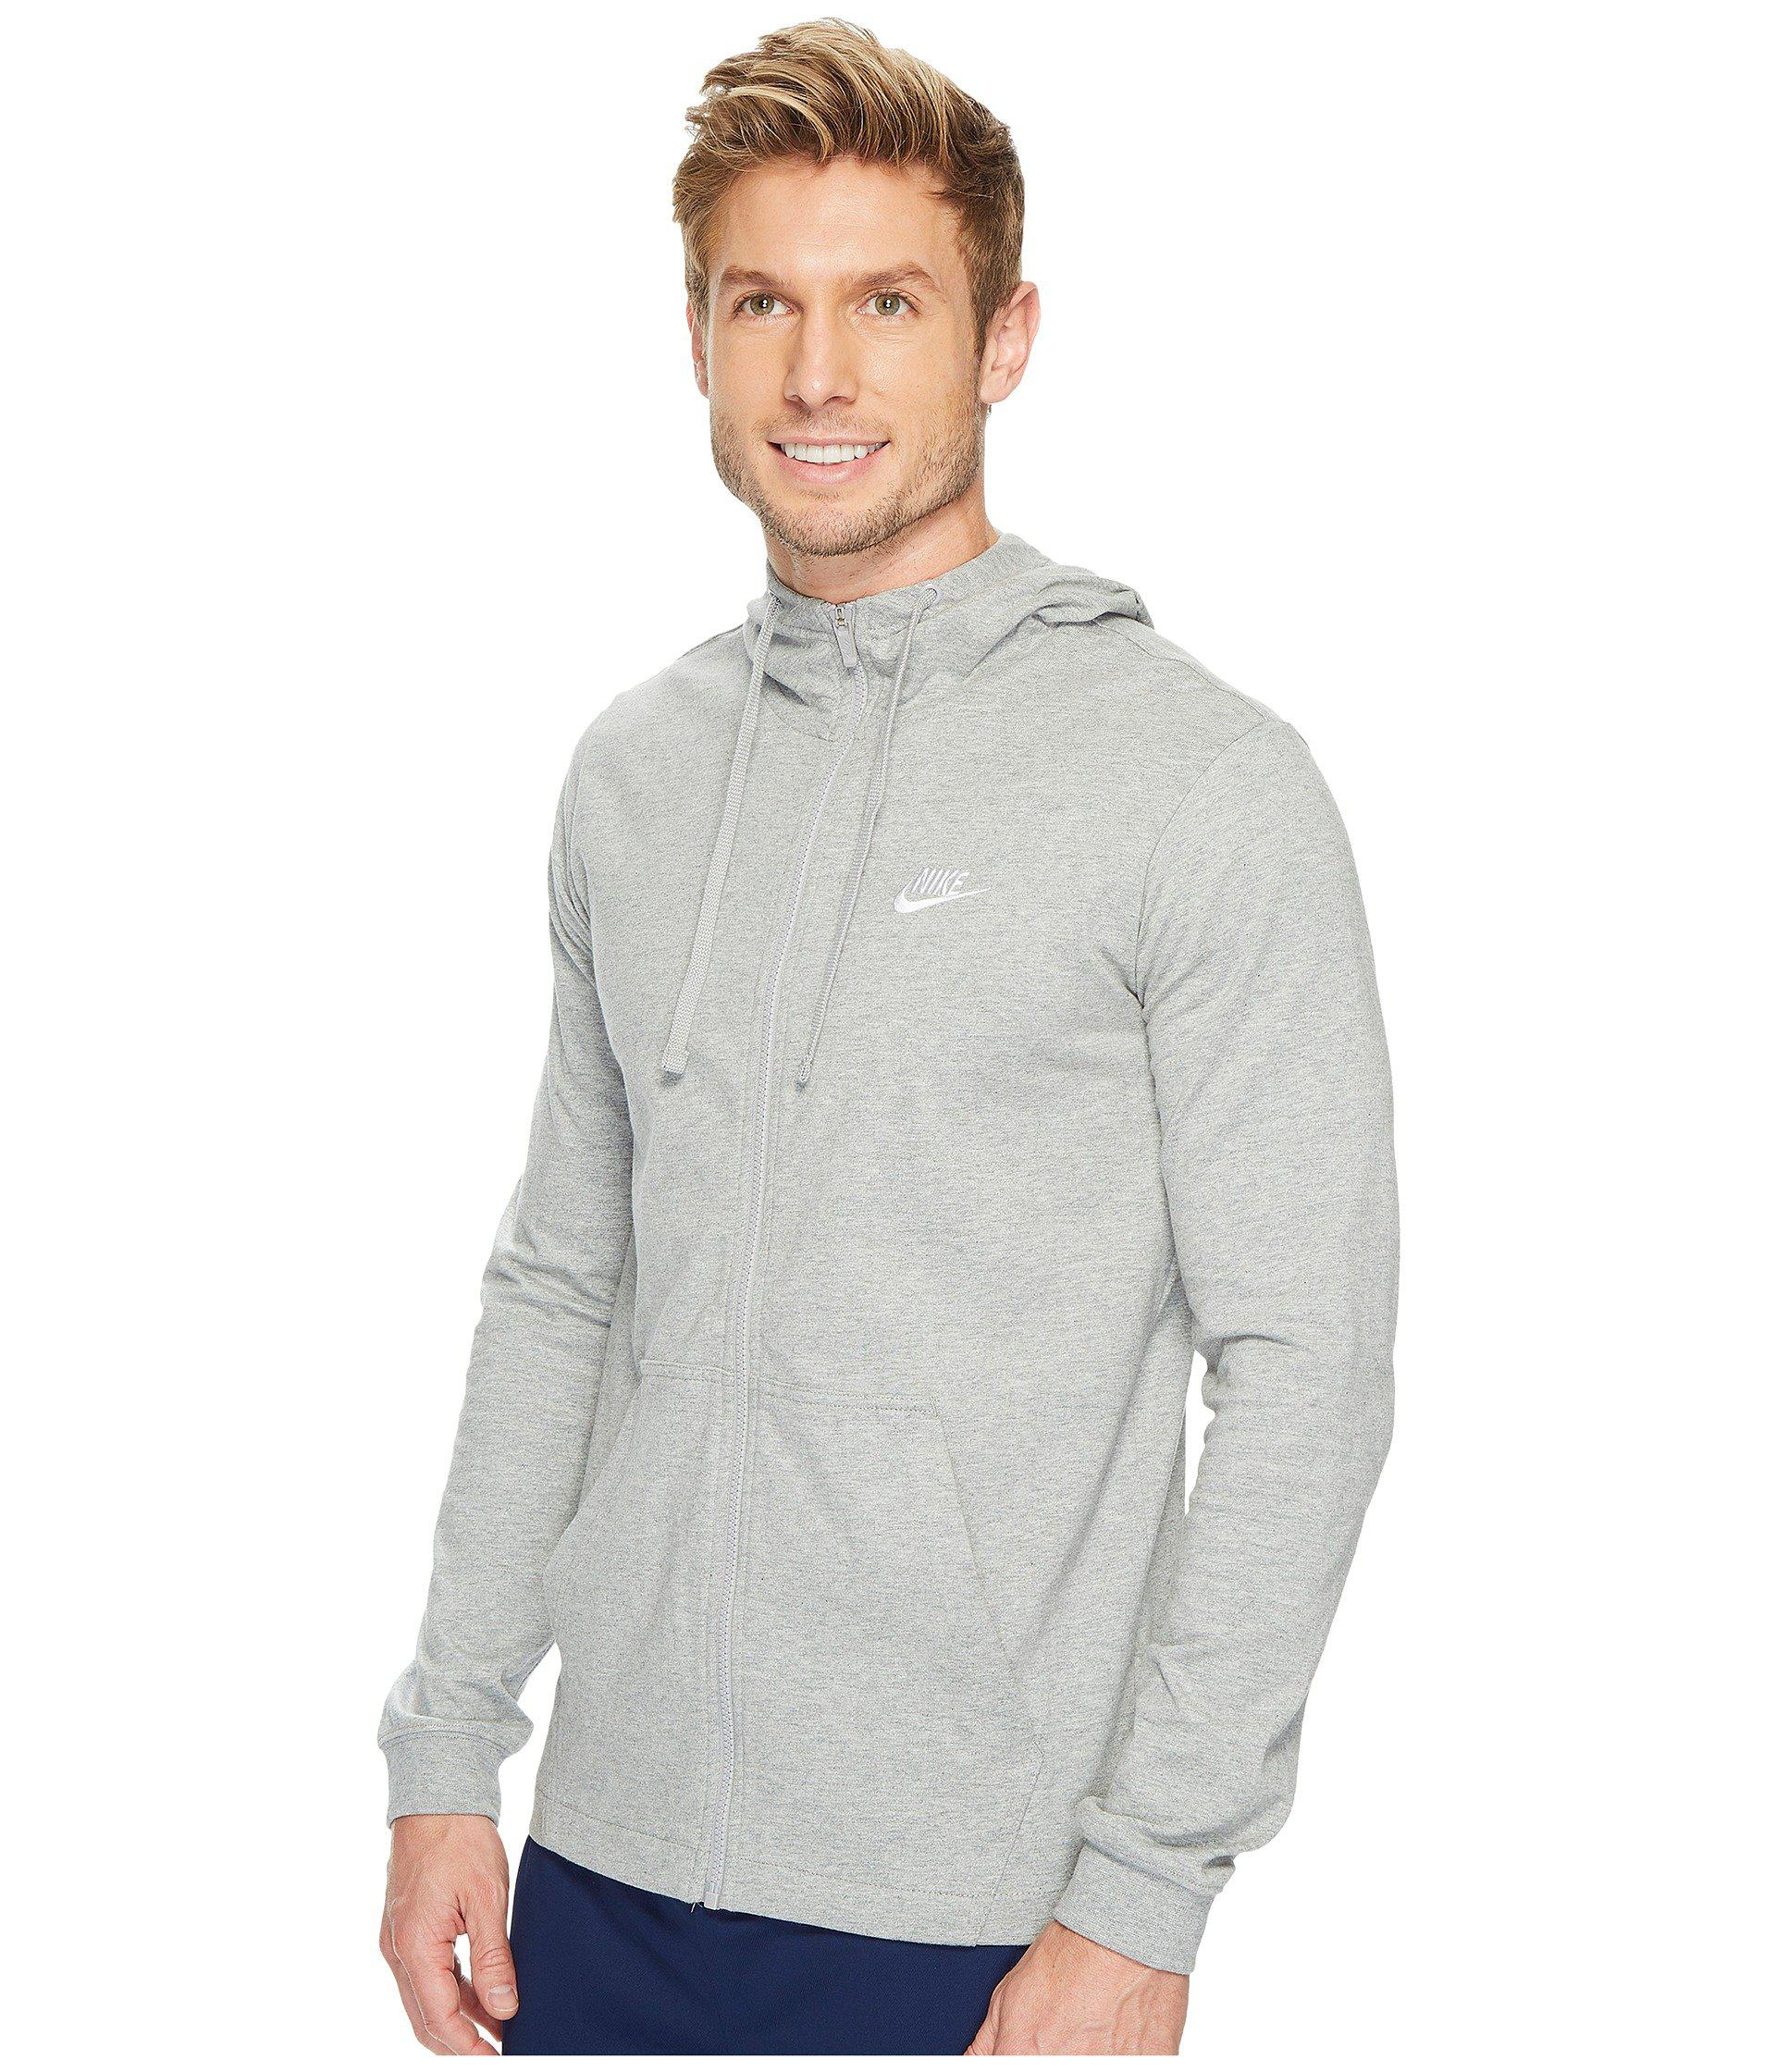 57735708f3fe Lyst - Nike Sportswear Full-zip Hoodie (black white) Men s Sweatshirt in  Gray for Men